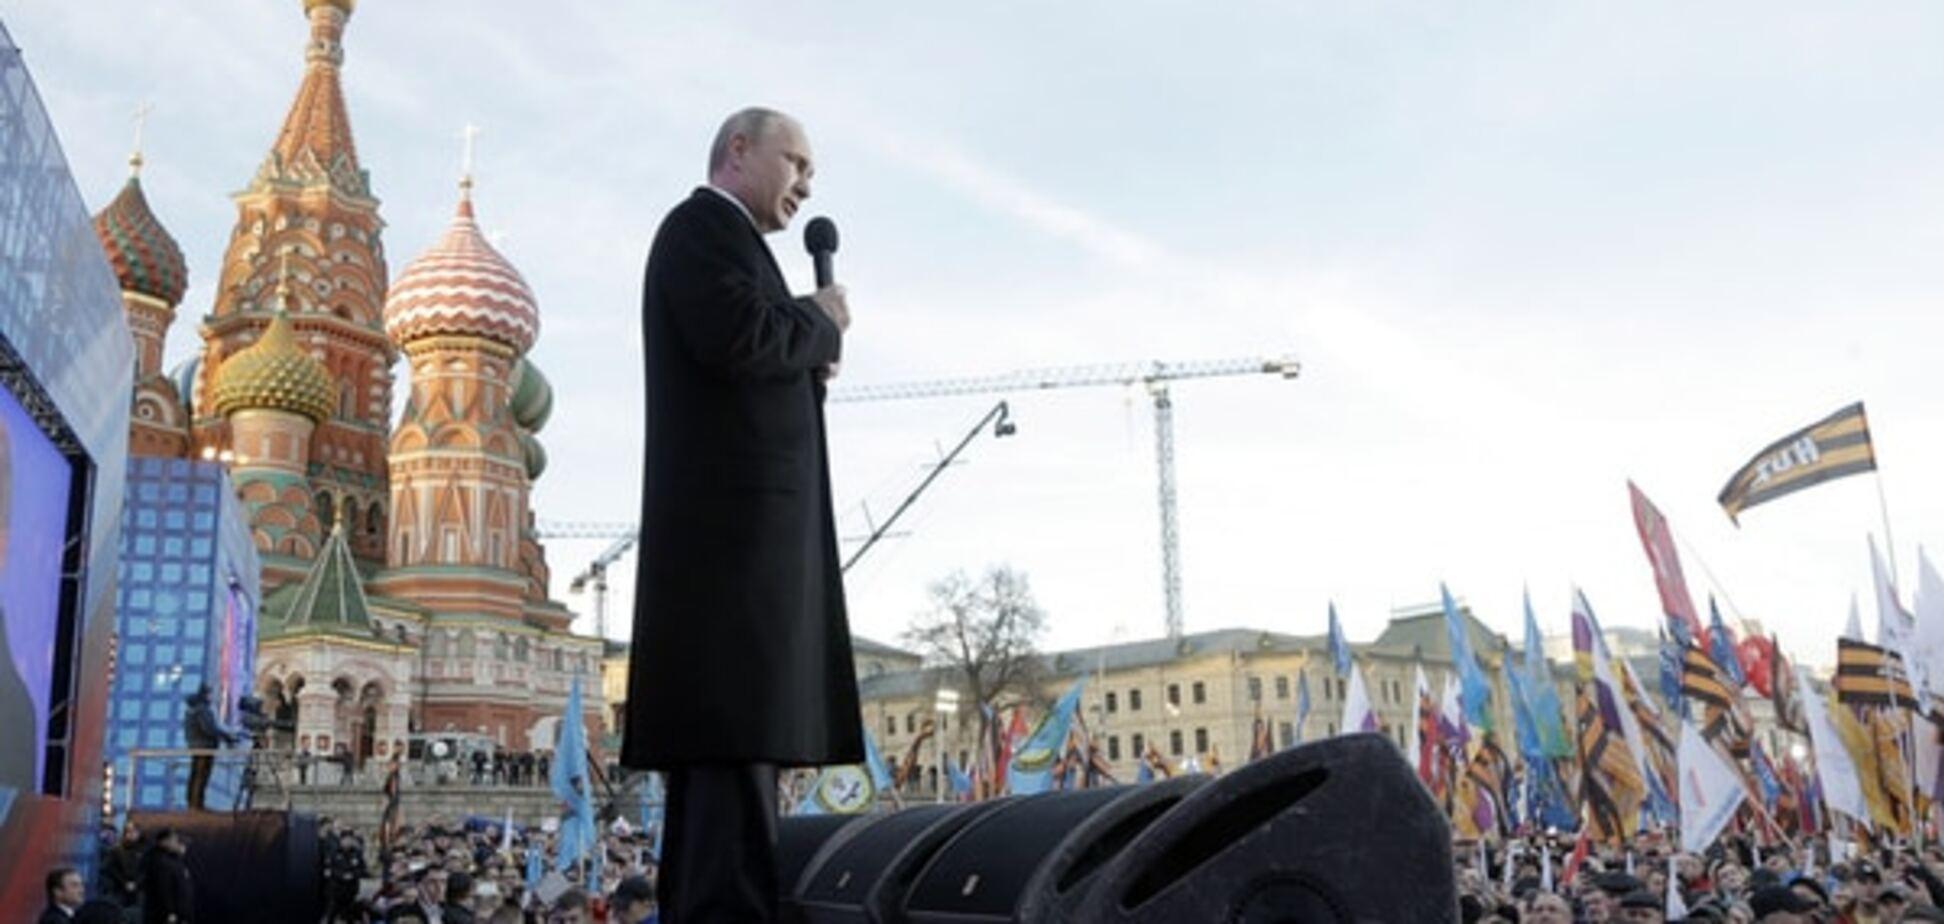 Каспаров: Путін перейшов у стан, коли країна сприймається як придаток до диктатора